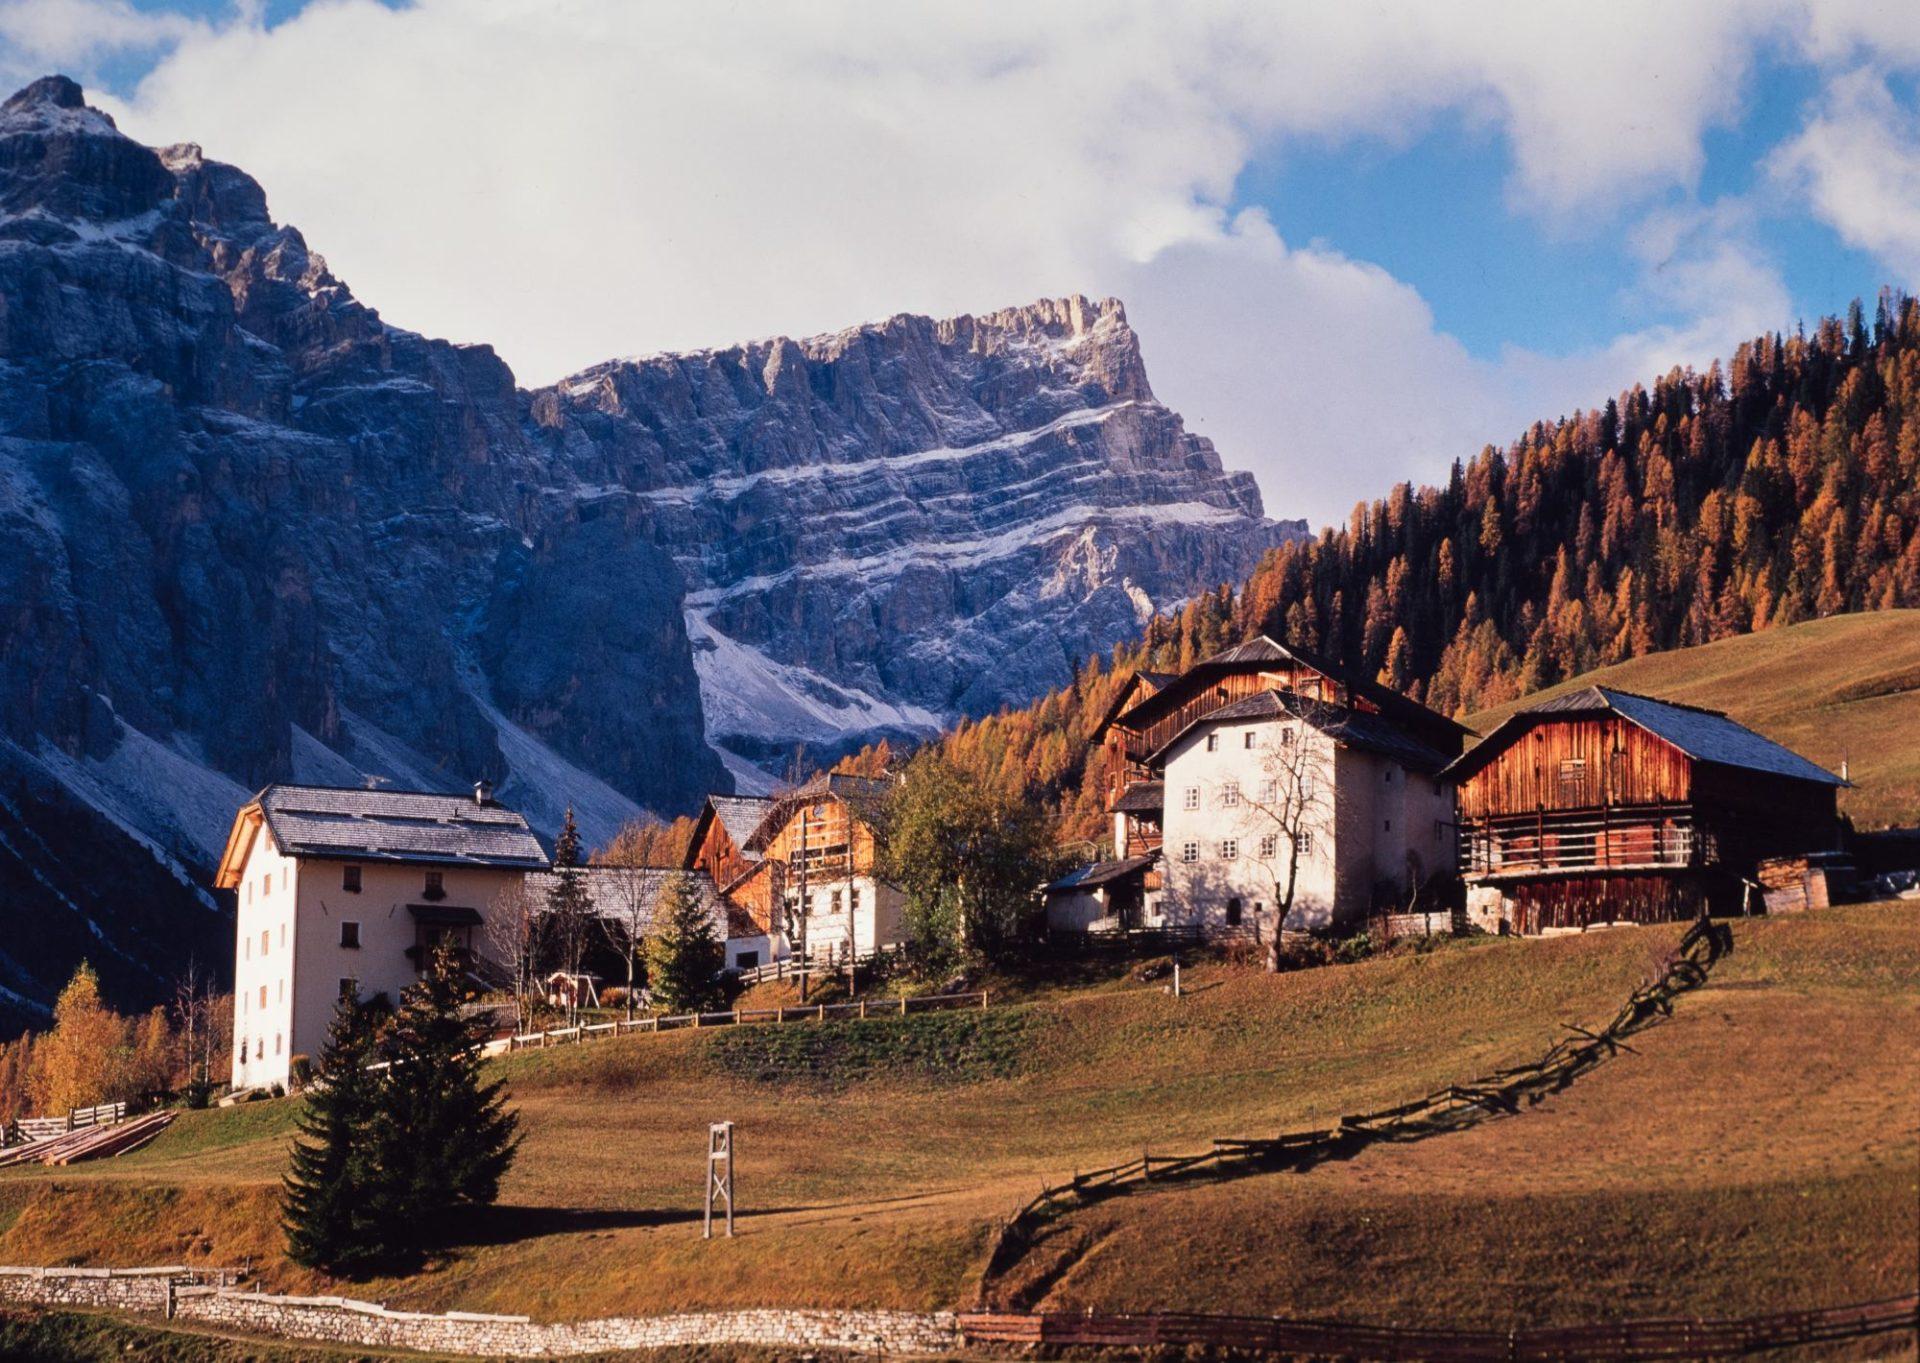 Das Bergsteigerdorf Lungiarü: Verborgen und verwurzelt